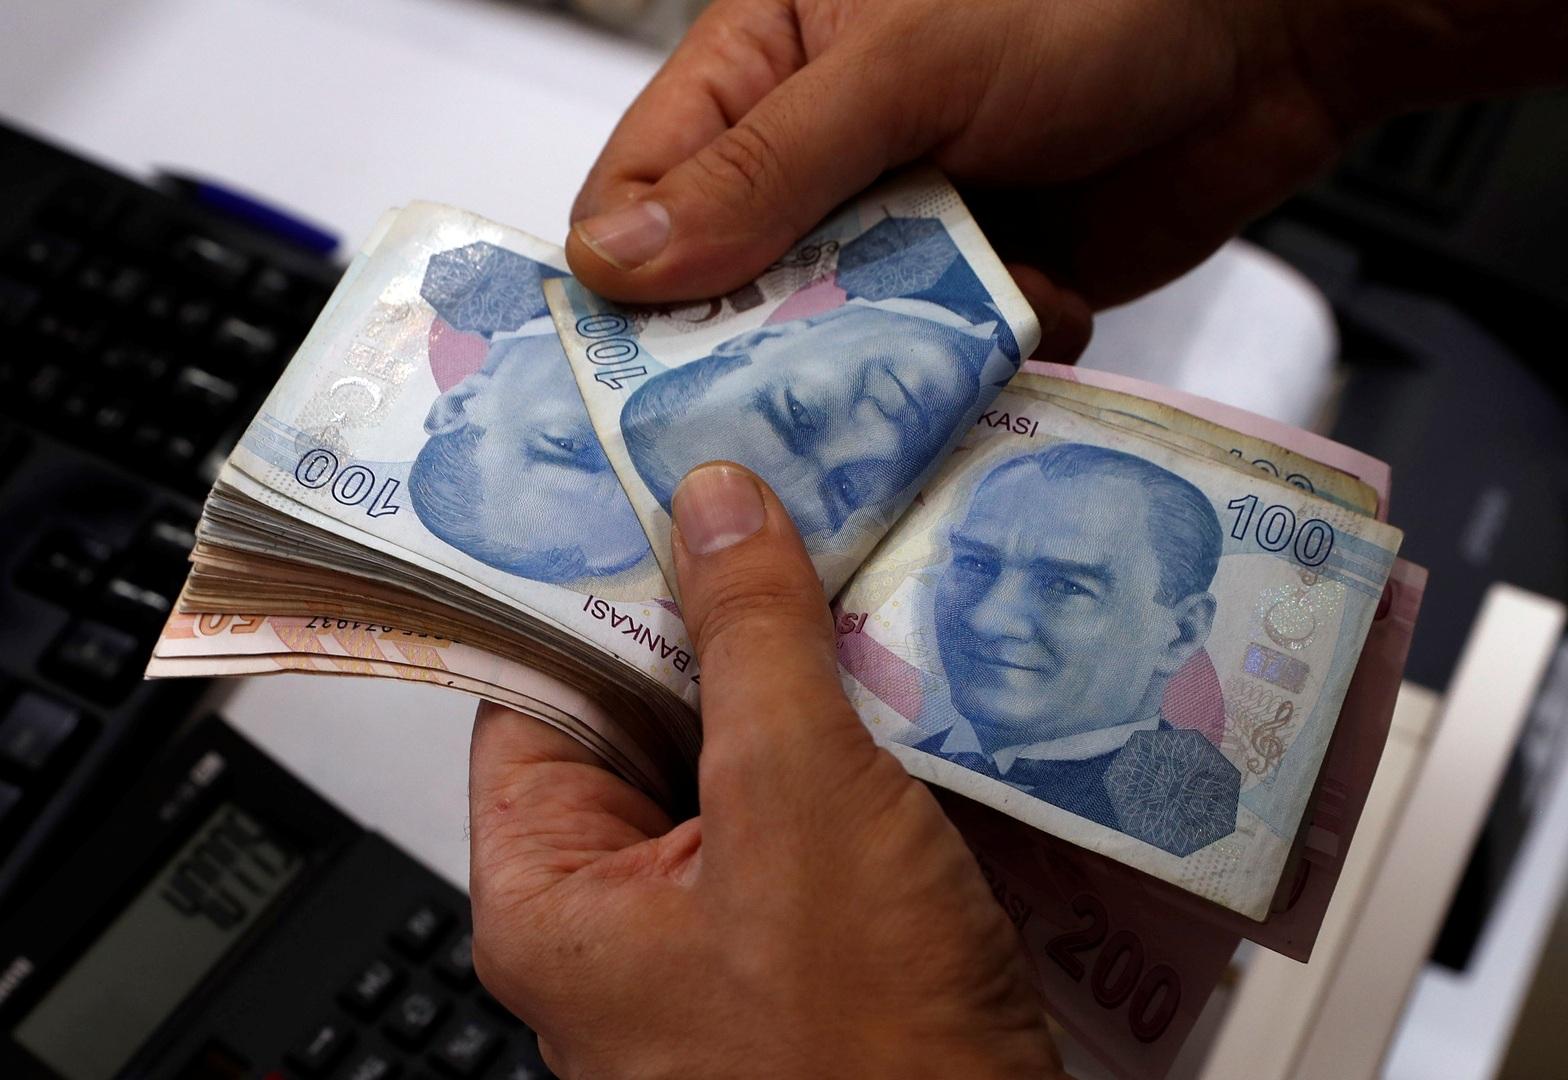 تركيا تكشف عن مشروع سيارة كهربائية مصنعة محليا باستثمار 3.7 مليار دولار